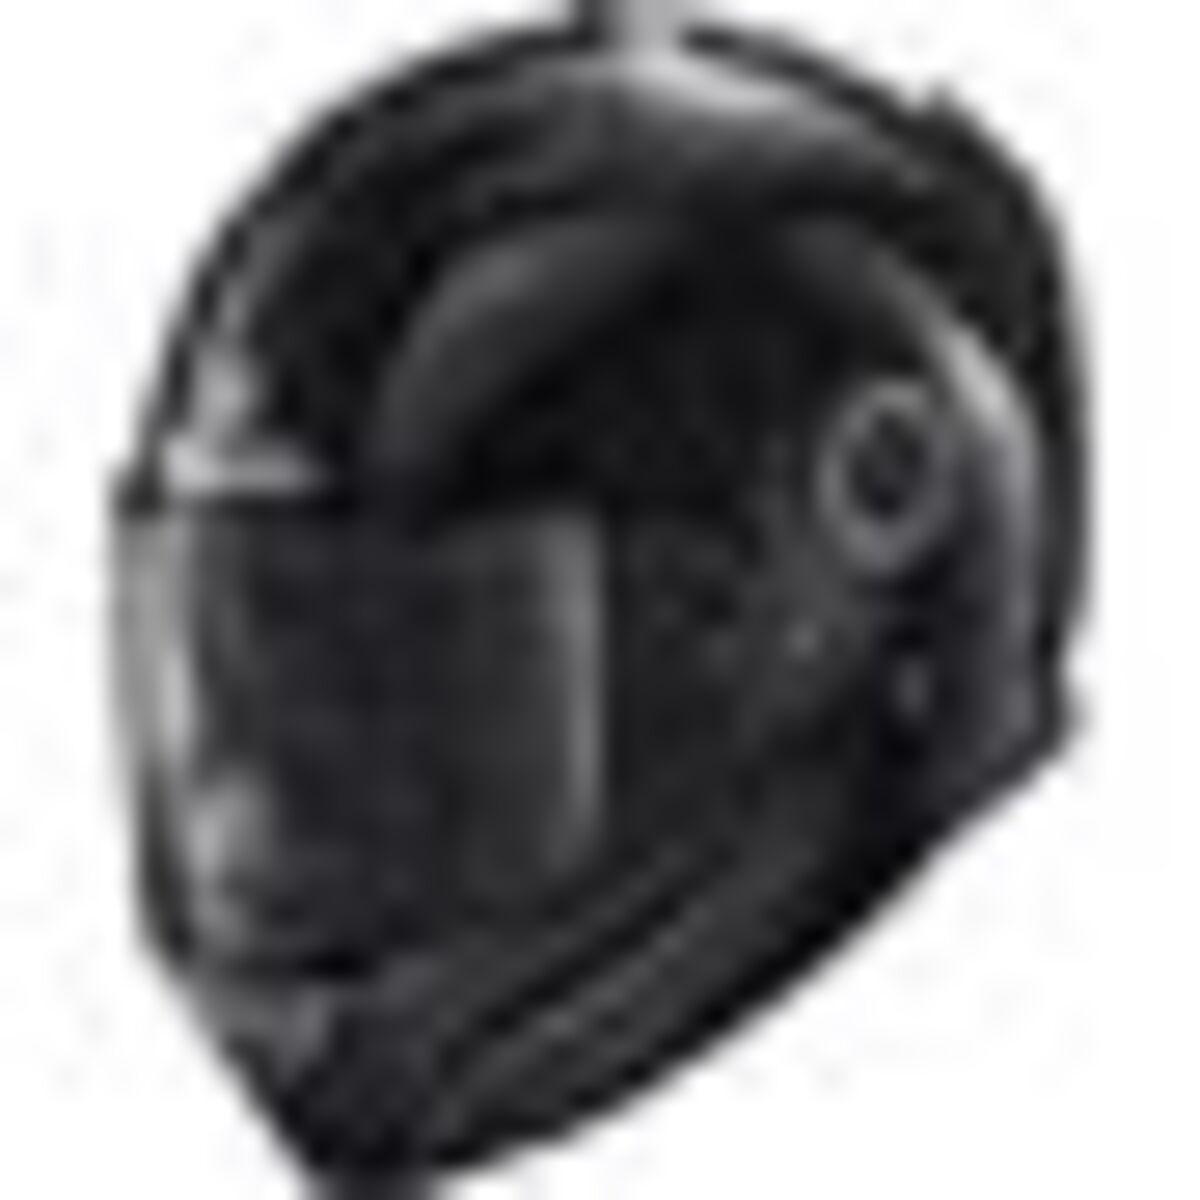 Bild 2 von Shark helmets            Spartan Blank Mat